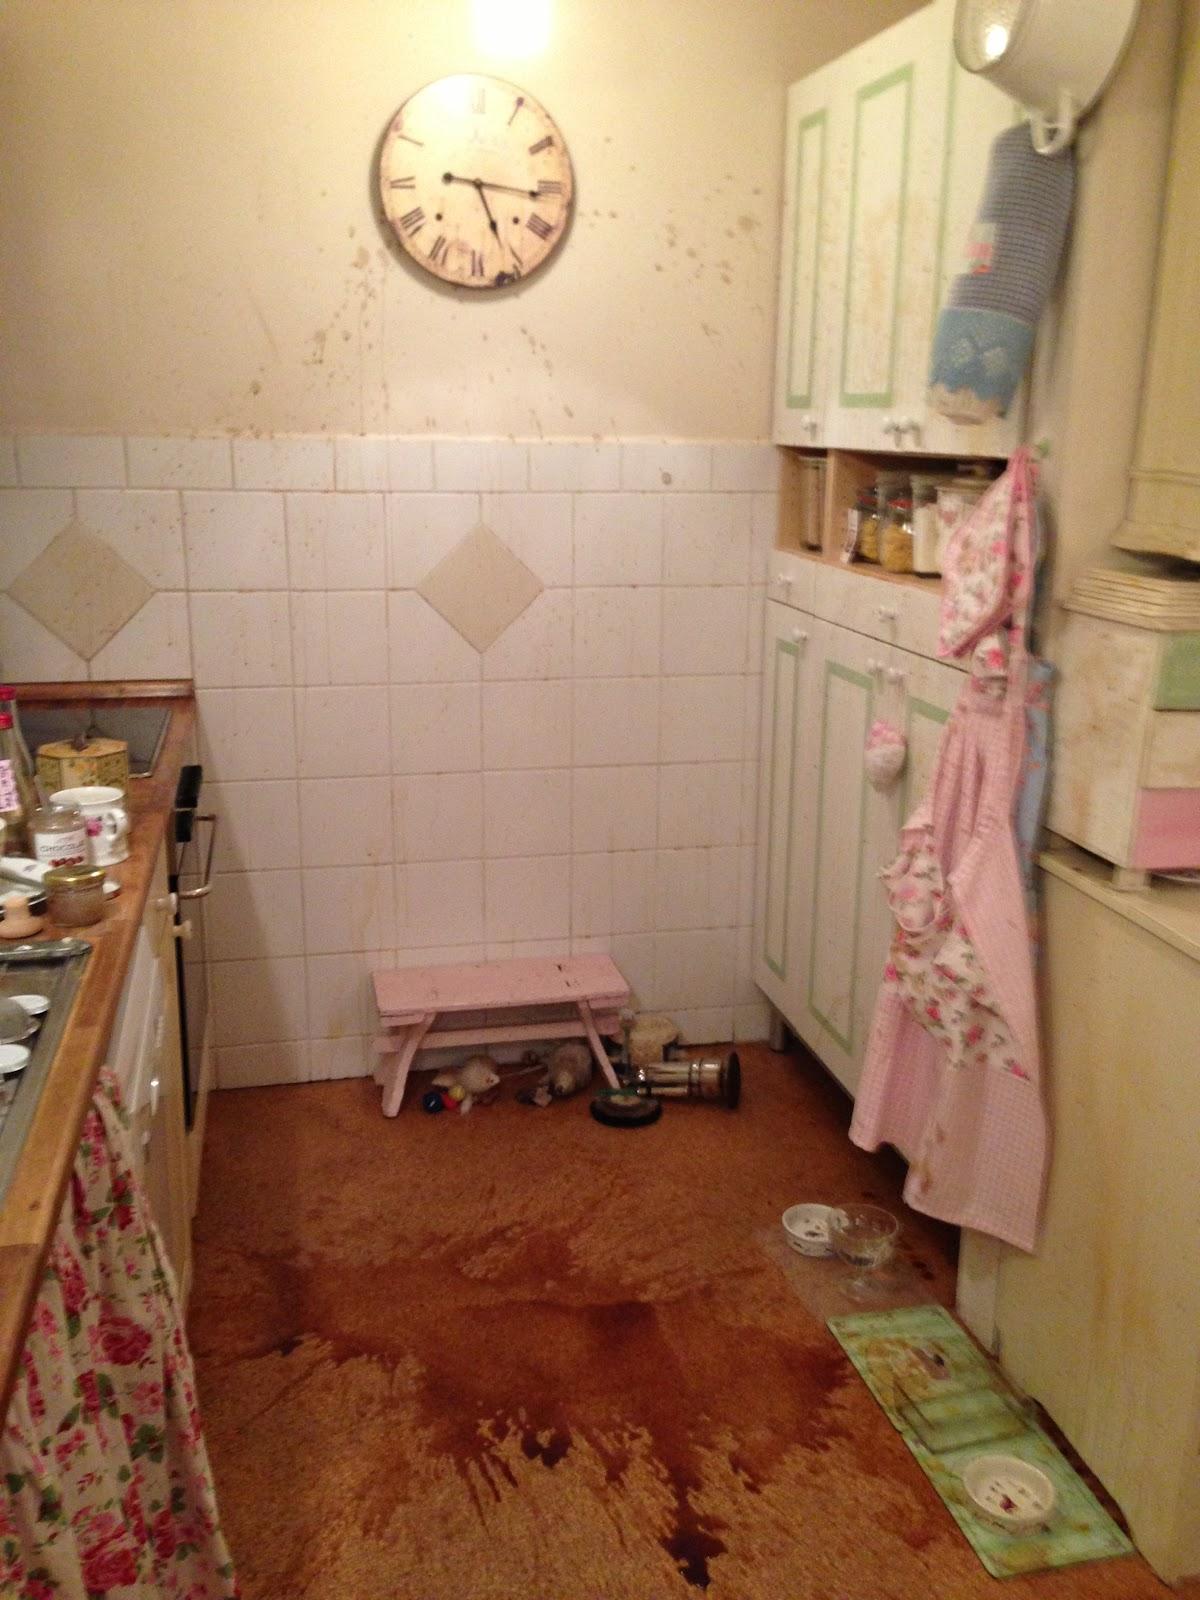 ShabbyTräume: Explosion in der Küche